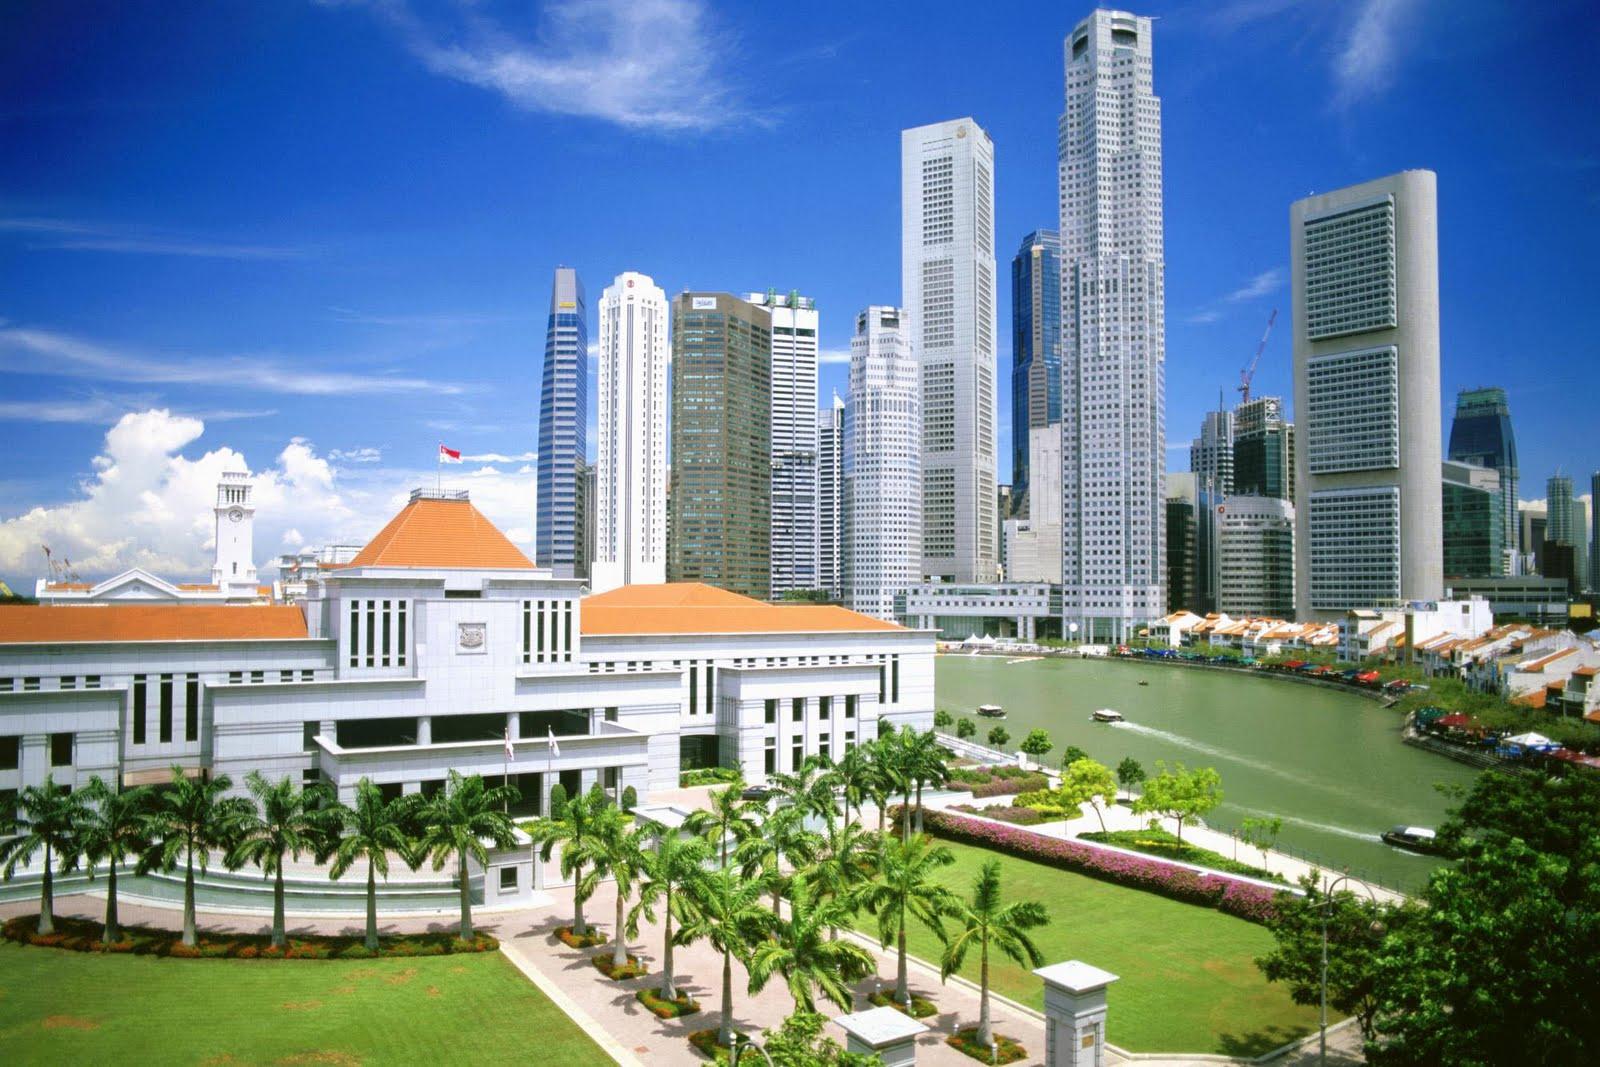 http://4.bp.blogspot.com/-fMok8ajcjYg/TcSwkGfWxQI/AAAAAAAABPY/EkvOIeM1Y7k/s1600/Asia+Beautiful+Places+Pictures+%25286%2529.jpg